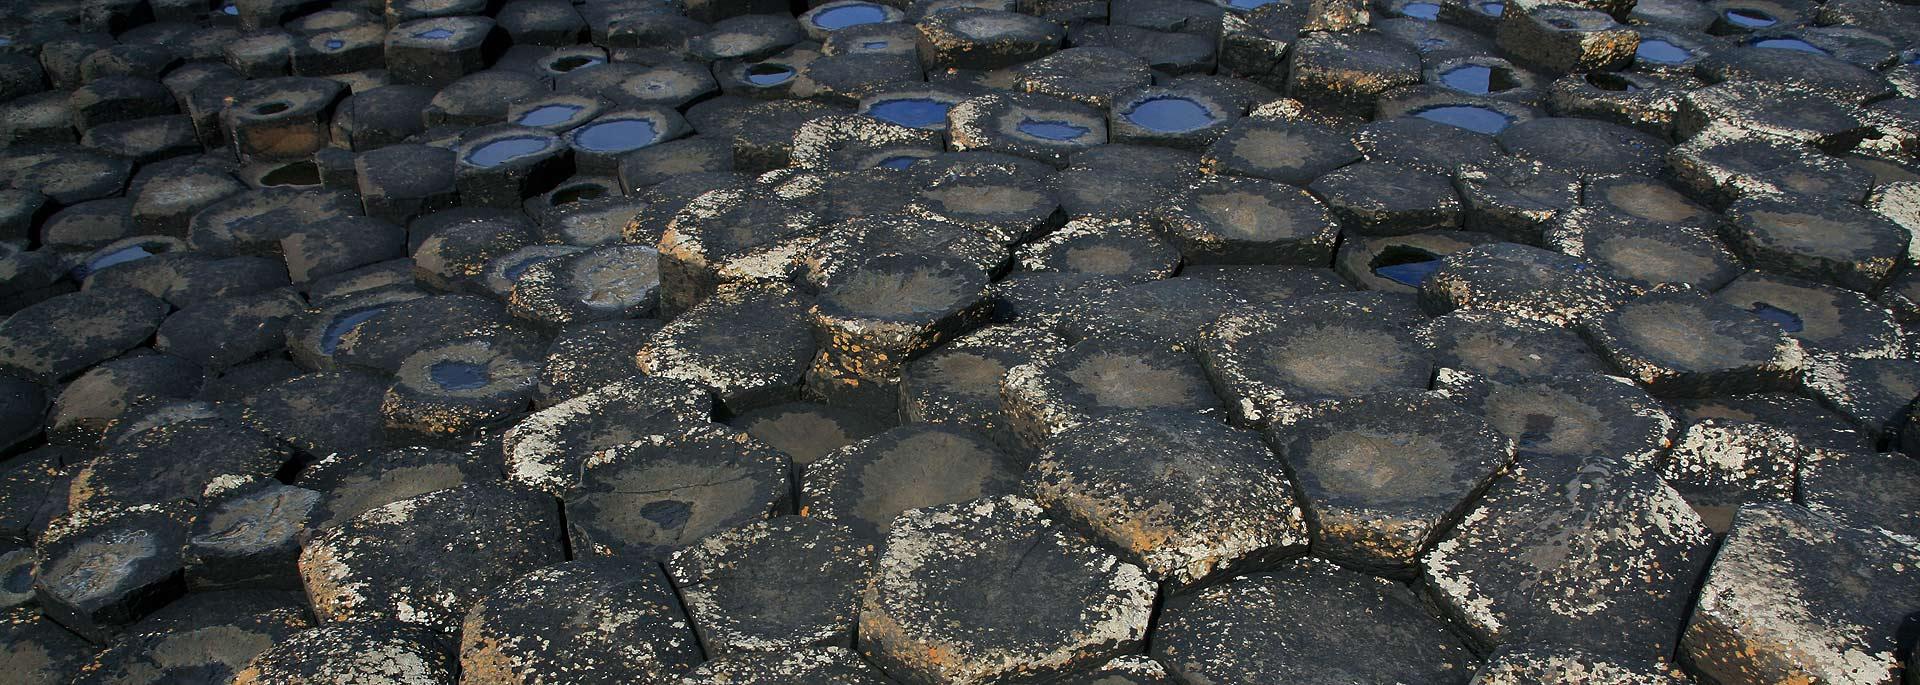 Der Giant's Causeway - und warum einmal keinmal ist